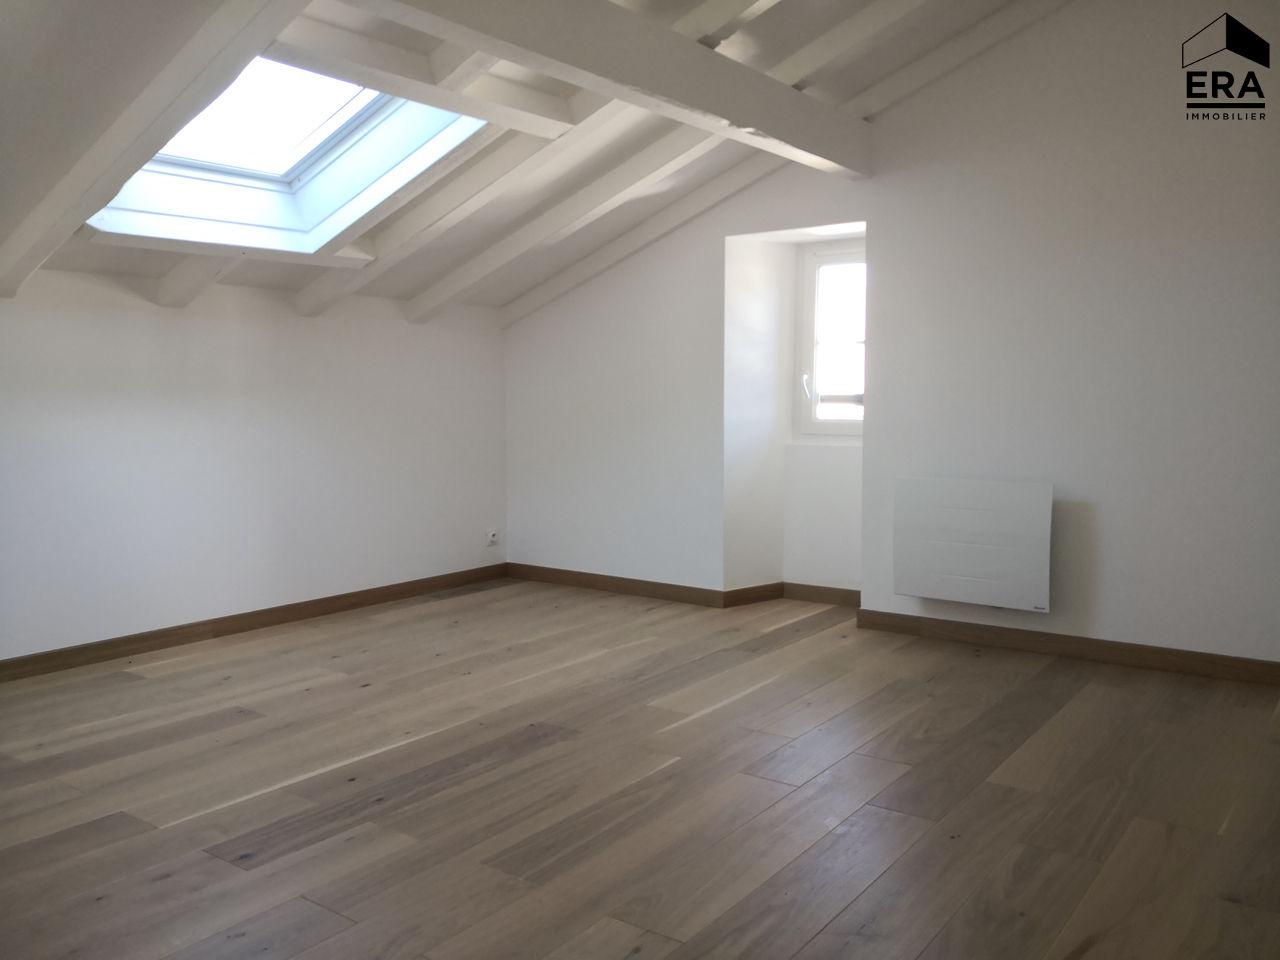 Vente appartement T3  à ASCAIN - 3